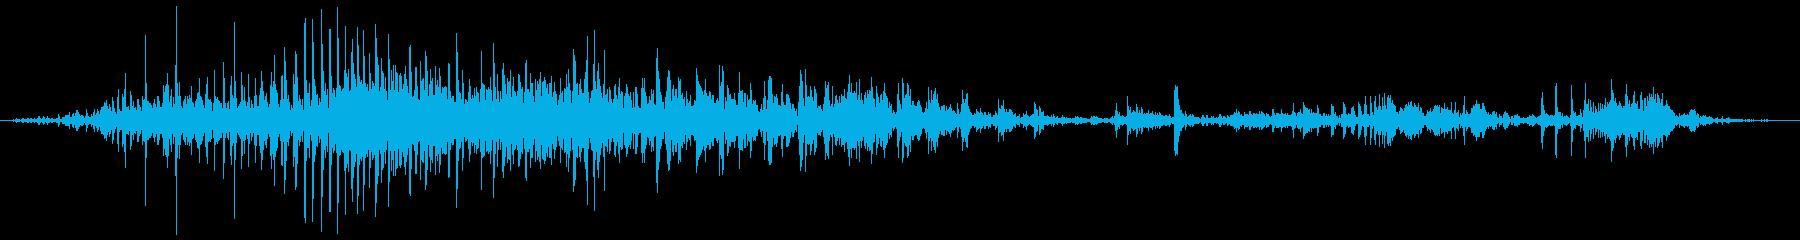 ラバードックブイ:ヘビーラバーラバ...の再生済みの波形